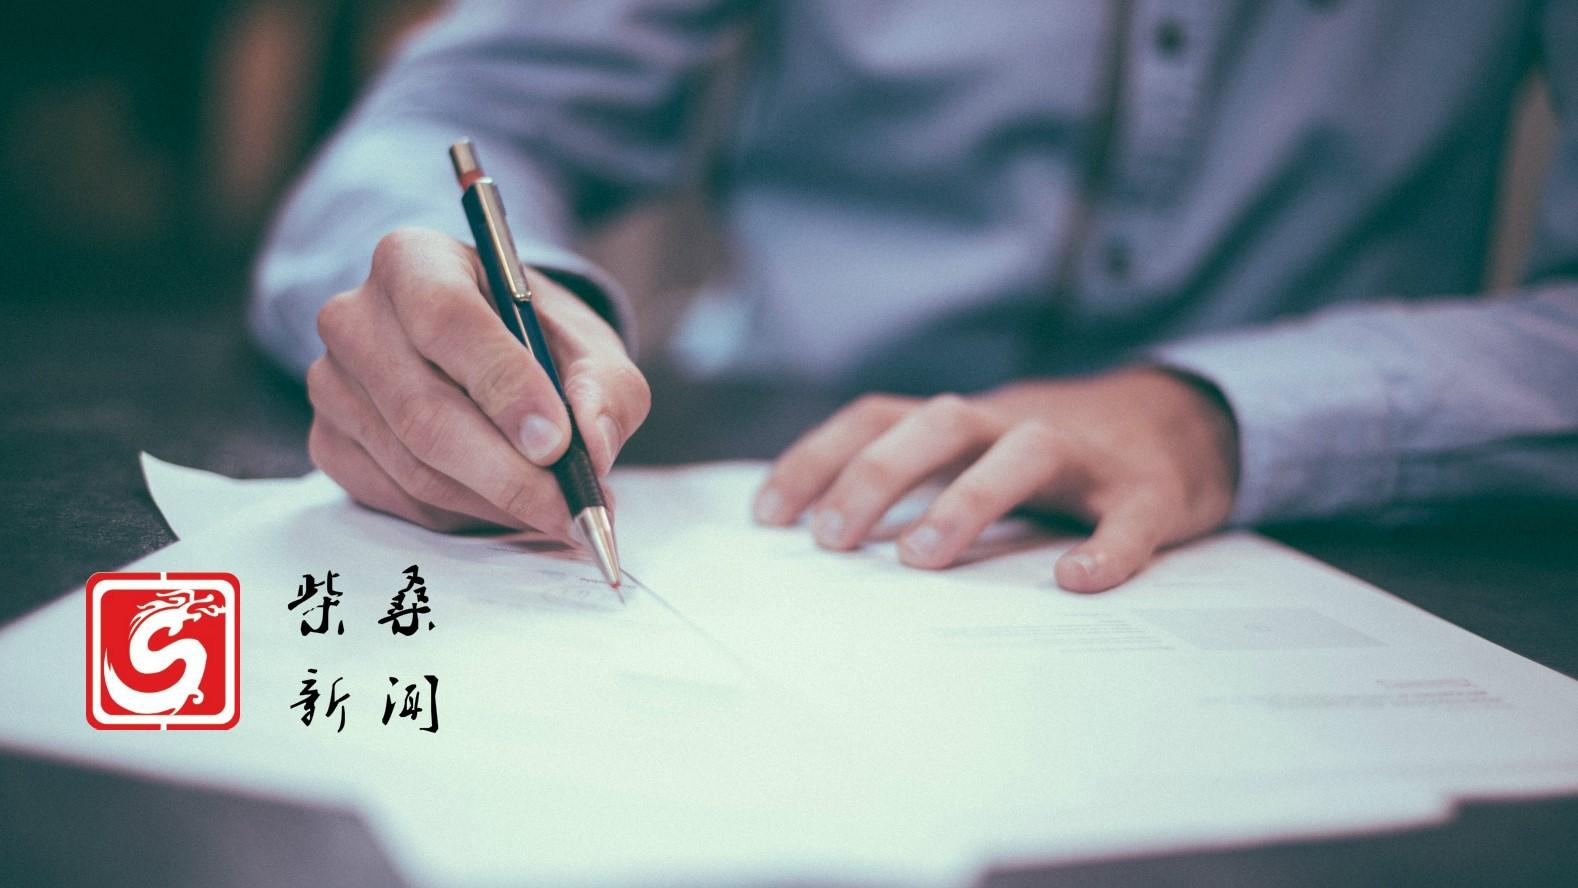 【柴桑新闻】柴桑律所汤雷律师入选江西生态文明律师服务团